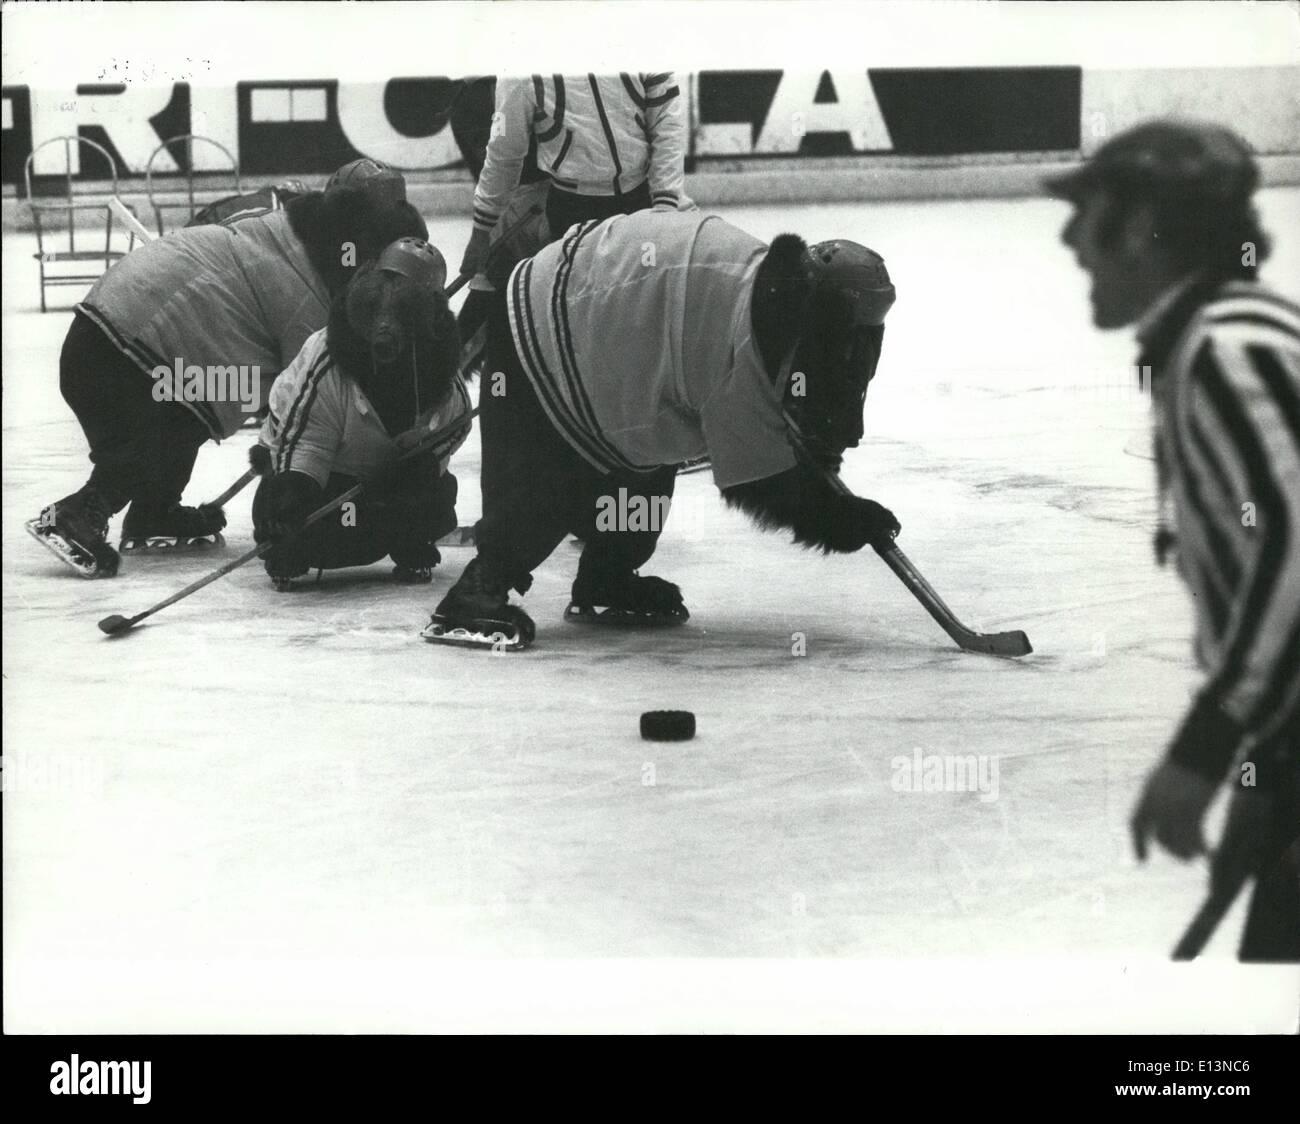 Mars 02, 2012 - Match de hockey sur glace avec une Differance: Un match de hockey sur glace avec une differance a eu lieu récemment dans le hall olympique de Munich. Une équipe de l'ours brun russe a pris sur une équipe de chimpanzés. C'était très amusant pour les nombreux spectateurs qui ont assisté. Les deux équipes ont été formés par la famille acrobat le Renzs allemand, qui possèdent des animaux. Les équipes ont pris trois ans pour former. Sur la photo, photos d'action du match. Les chimpanzés a gagné 3-2. Photo Stock